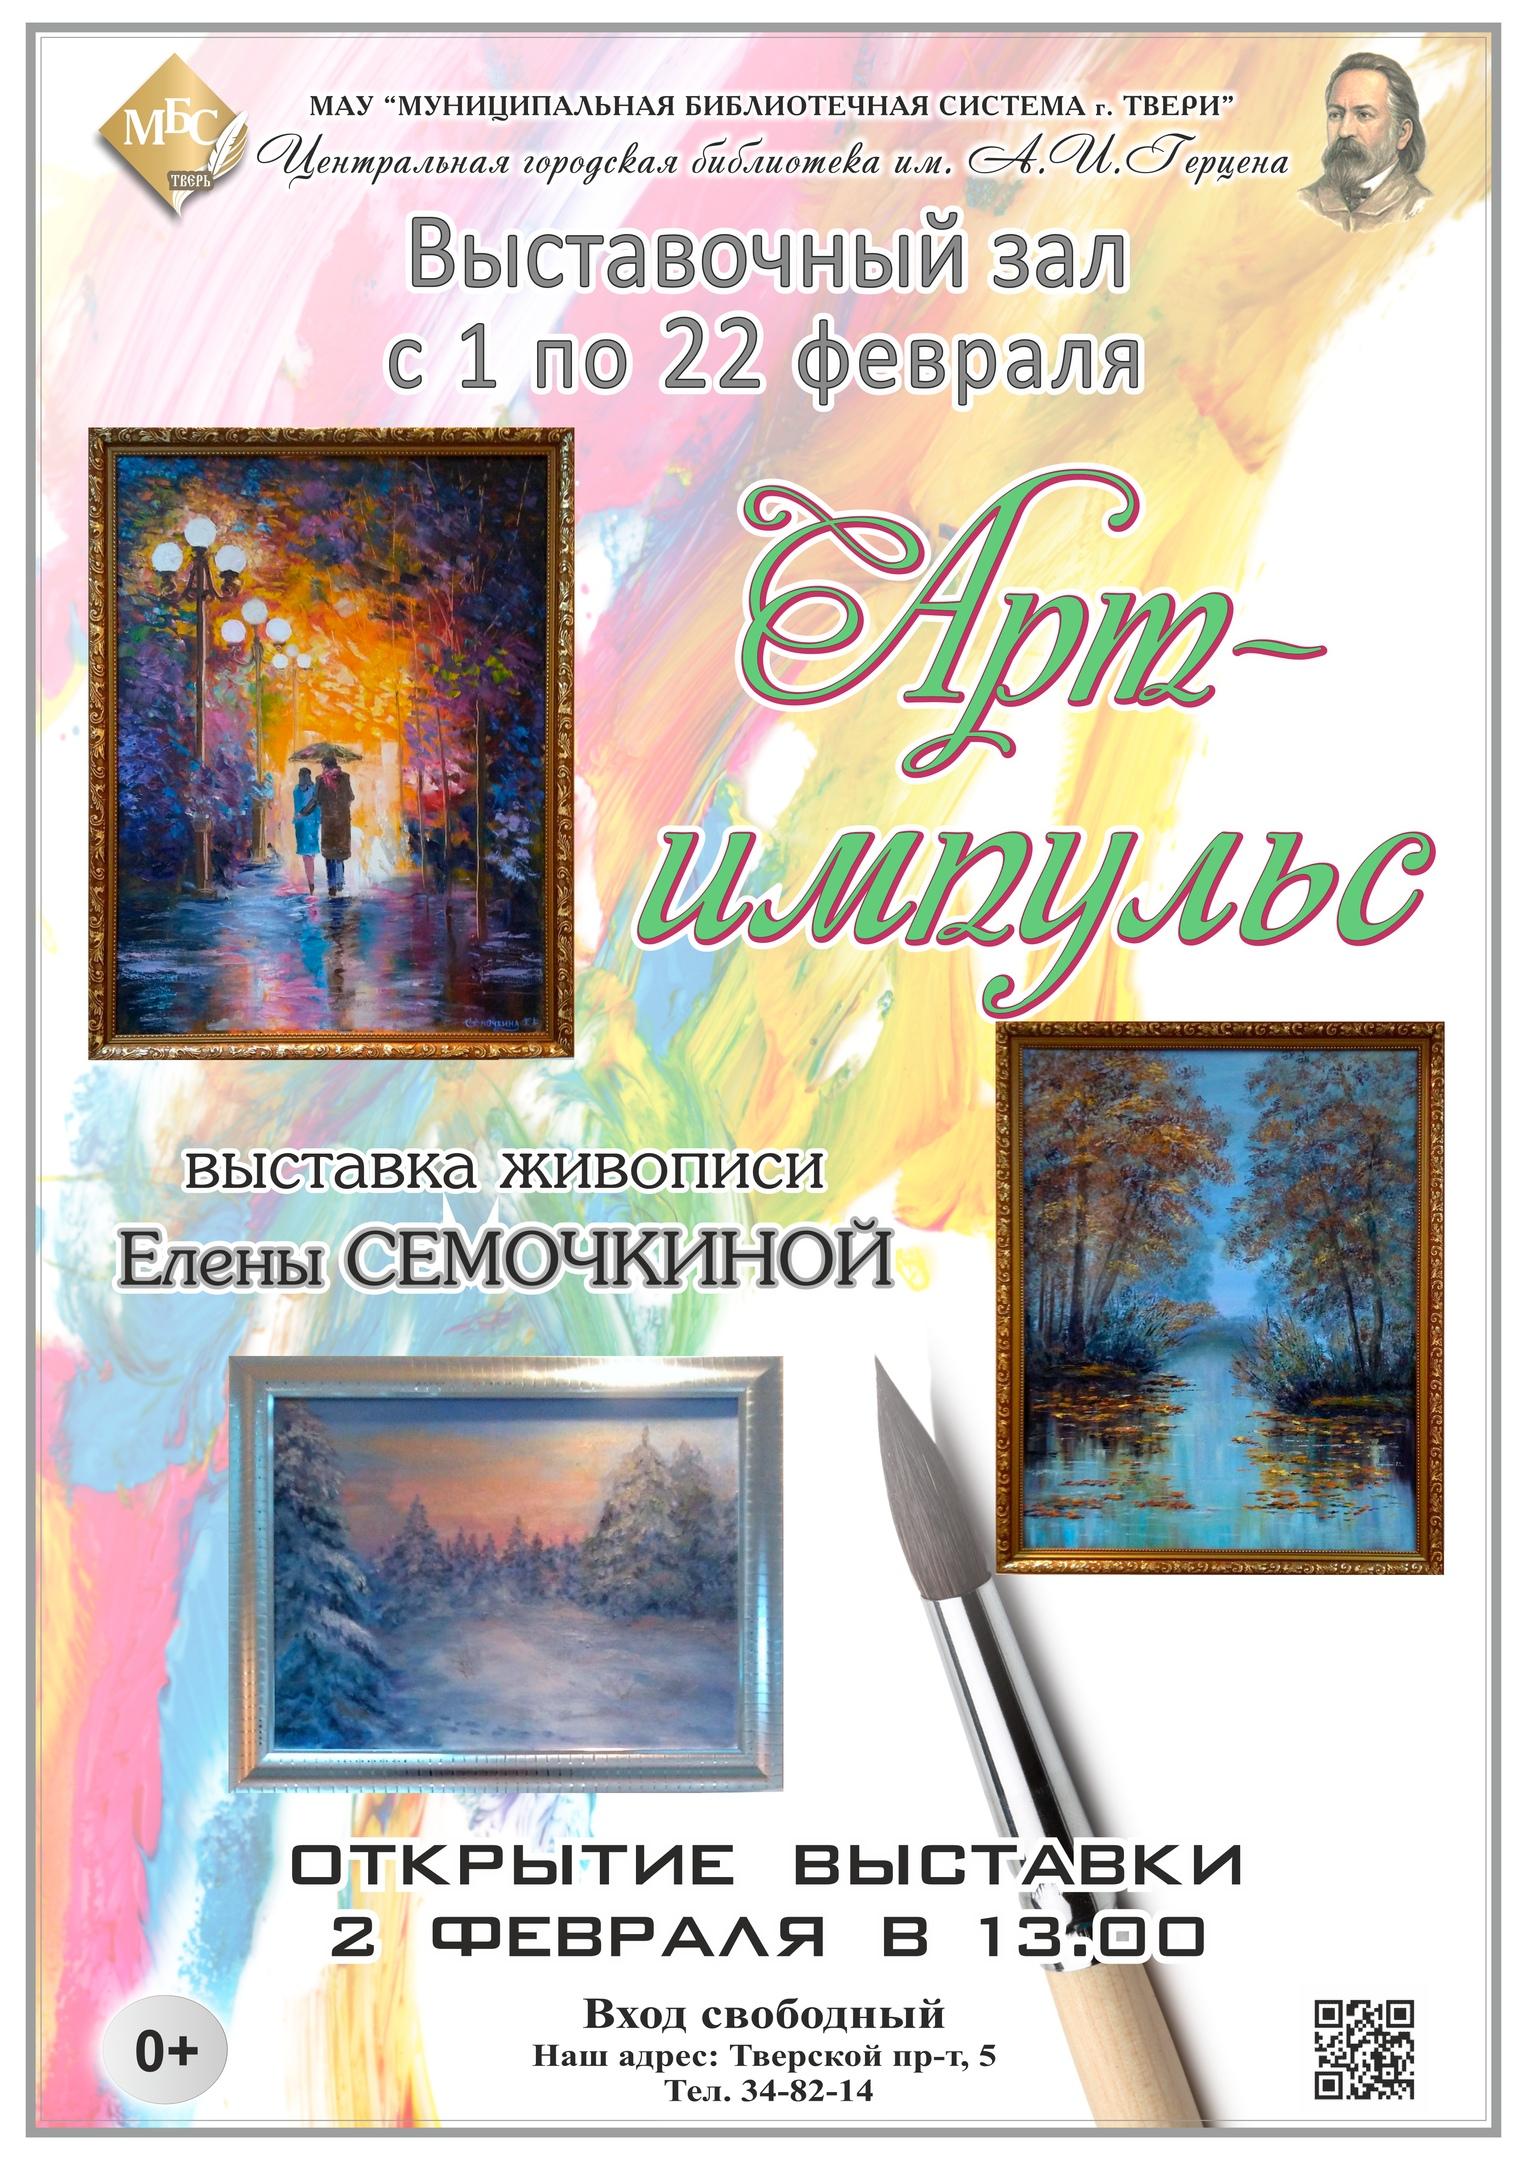 В Твери пройдет экспрессивная выставка картин  художницы-зооволонтера